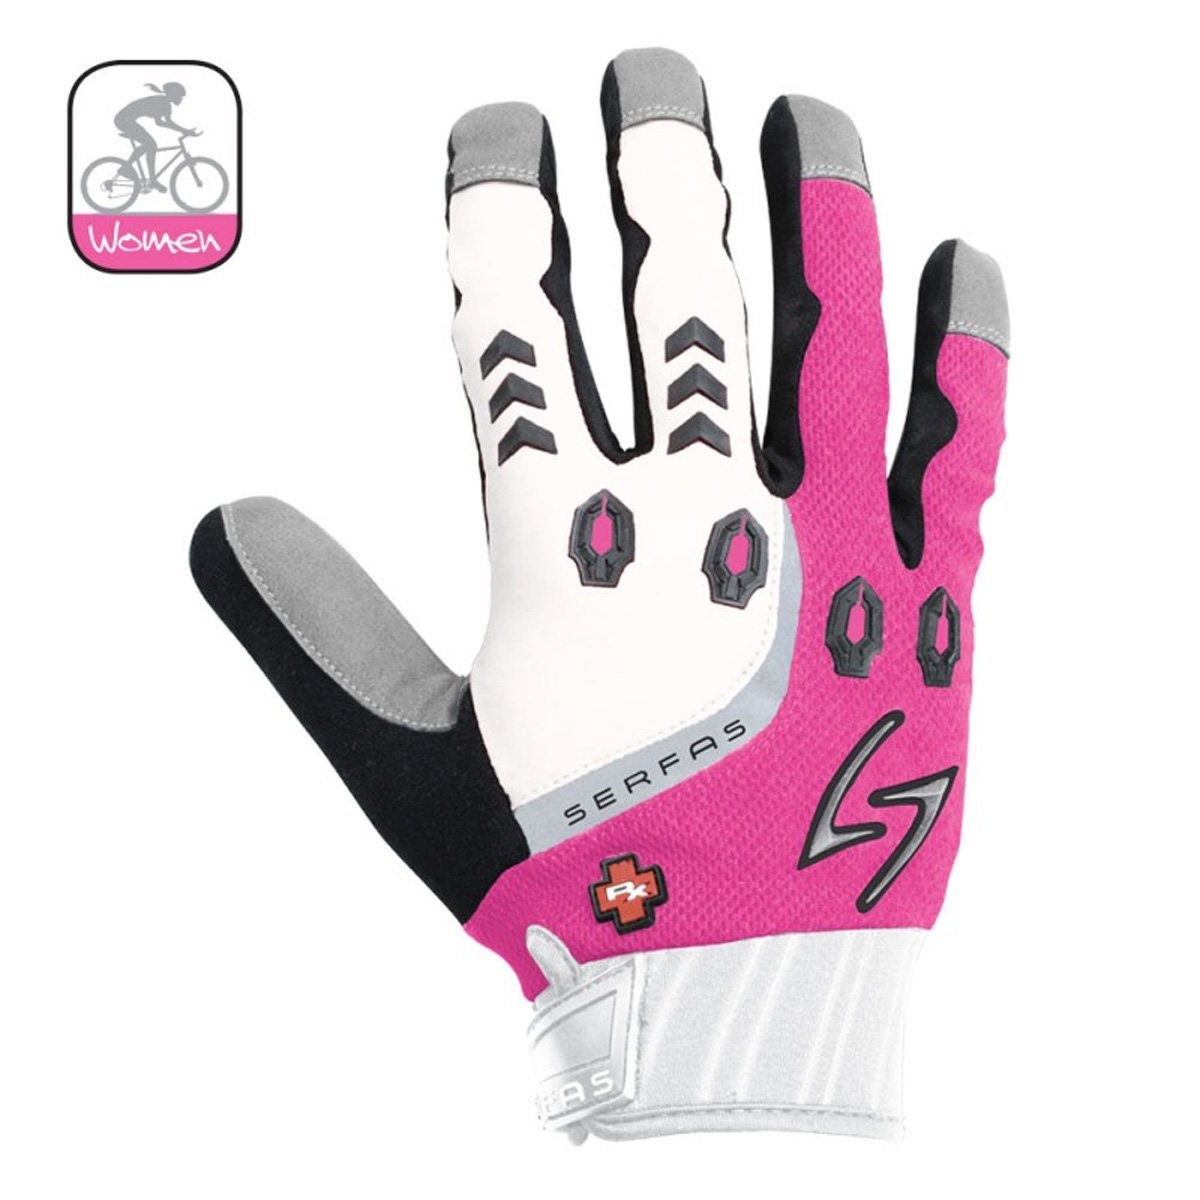 Serfas Womens Full Finger RX Gloves GWRXF-BKBK-4-parent